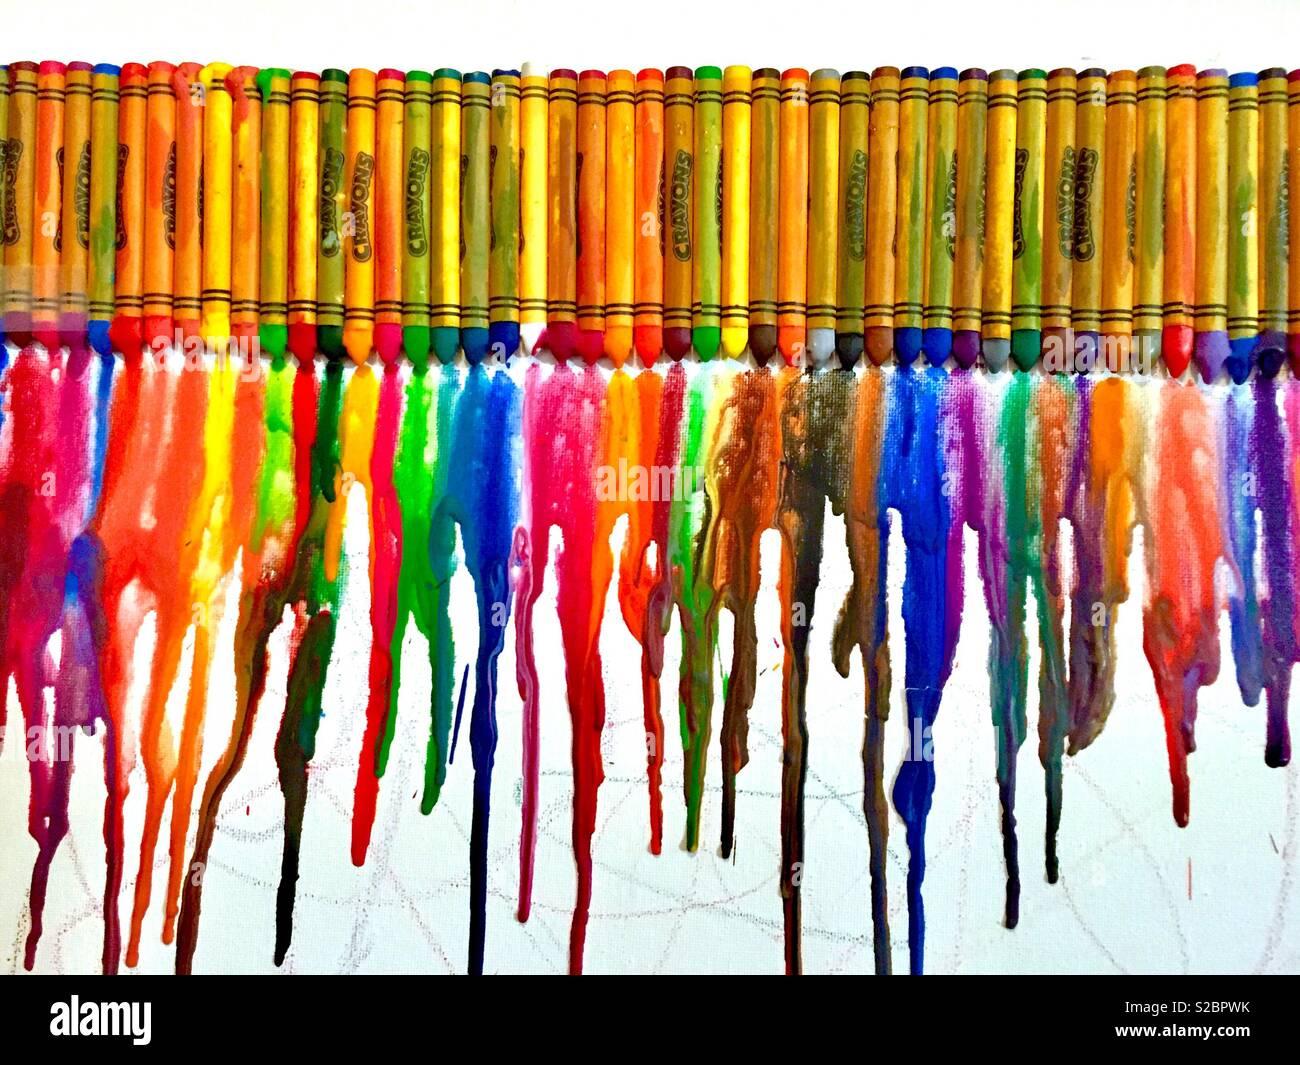 Crayola derretida ilustraciones. Imagen De Stock